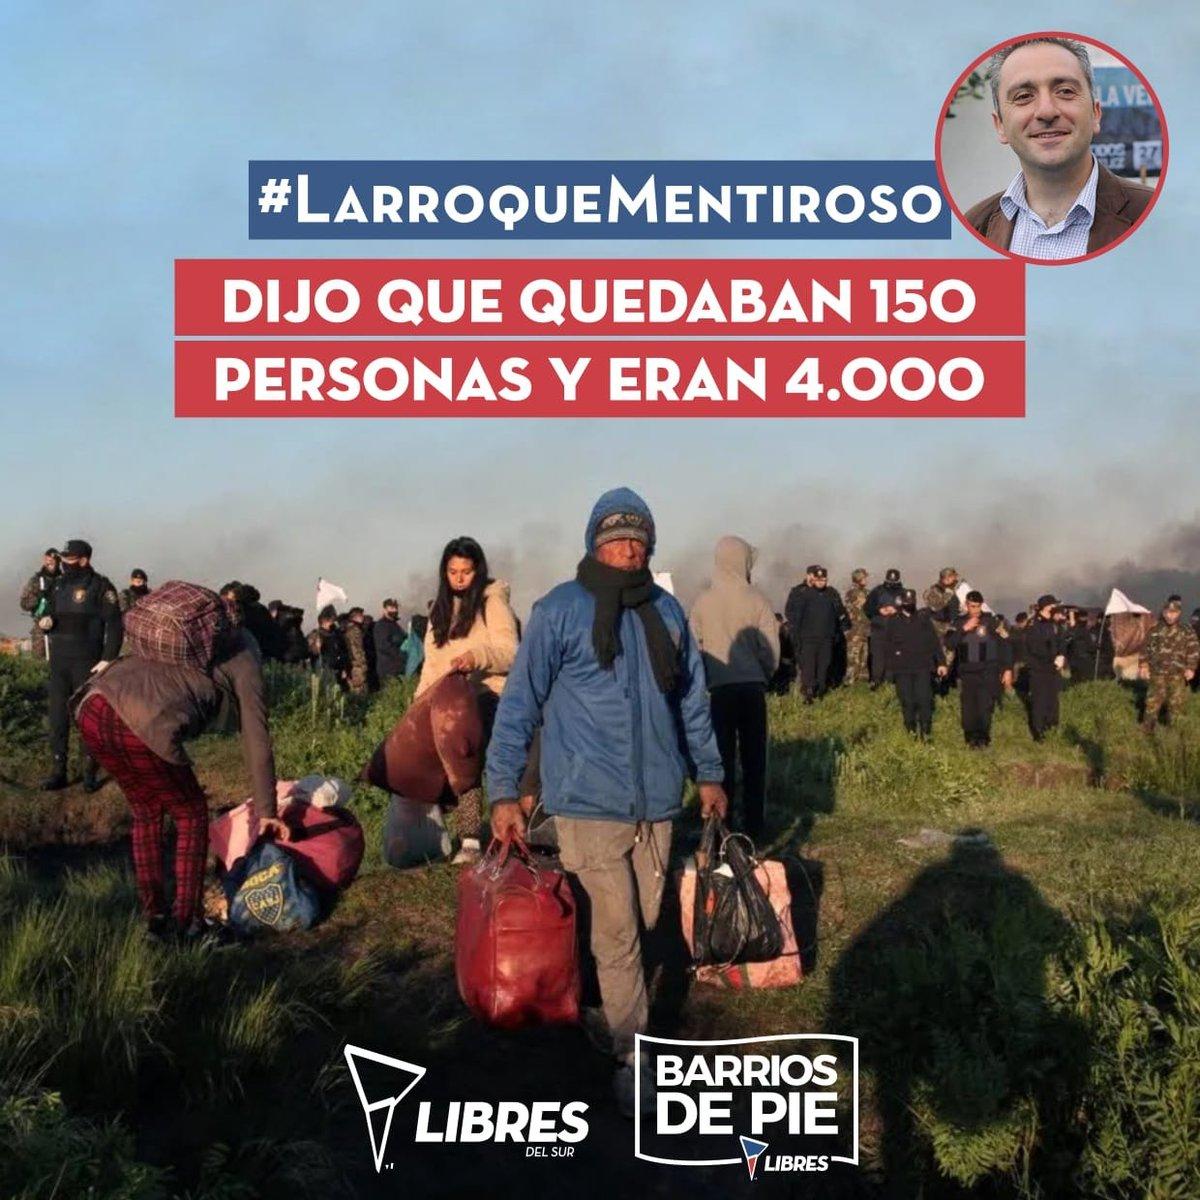 #LarroqueMentiroso https://t.co/fKDg7gZxNt